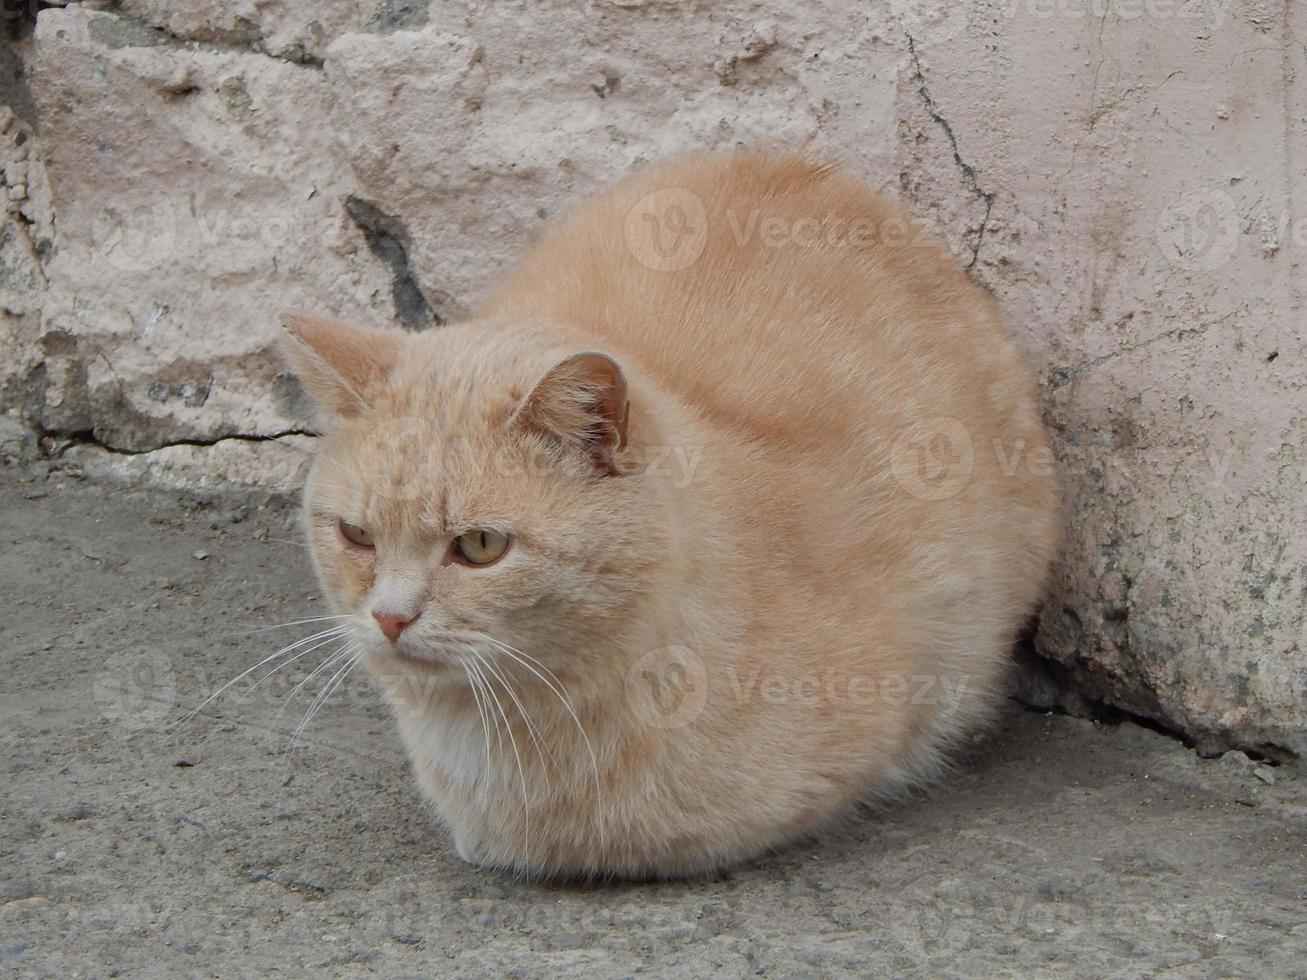 il gatto rosso senzatetto è triste. foto